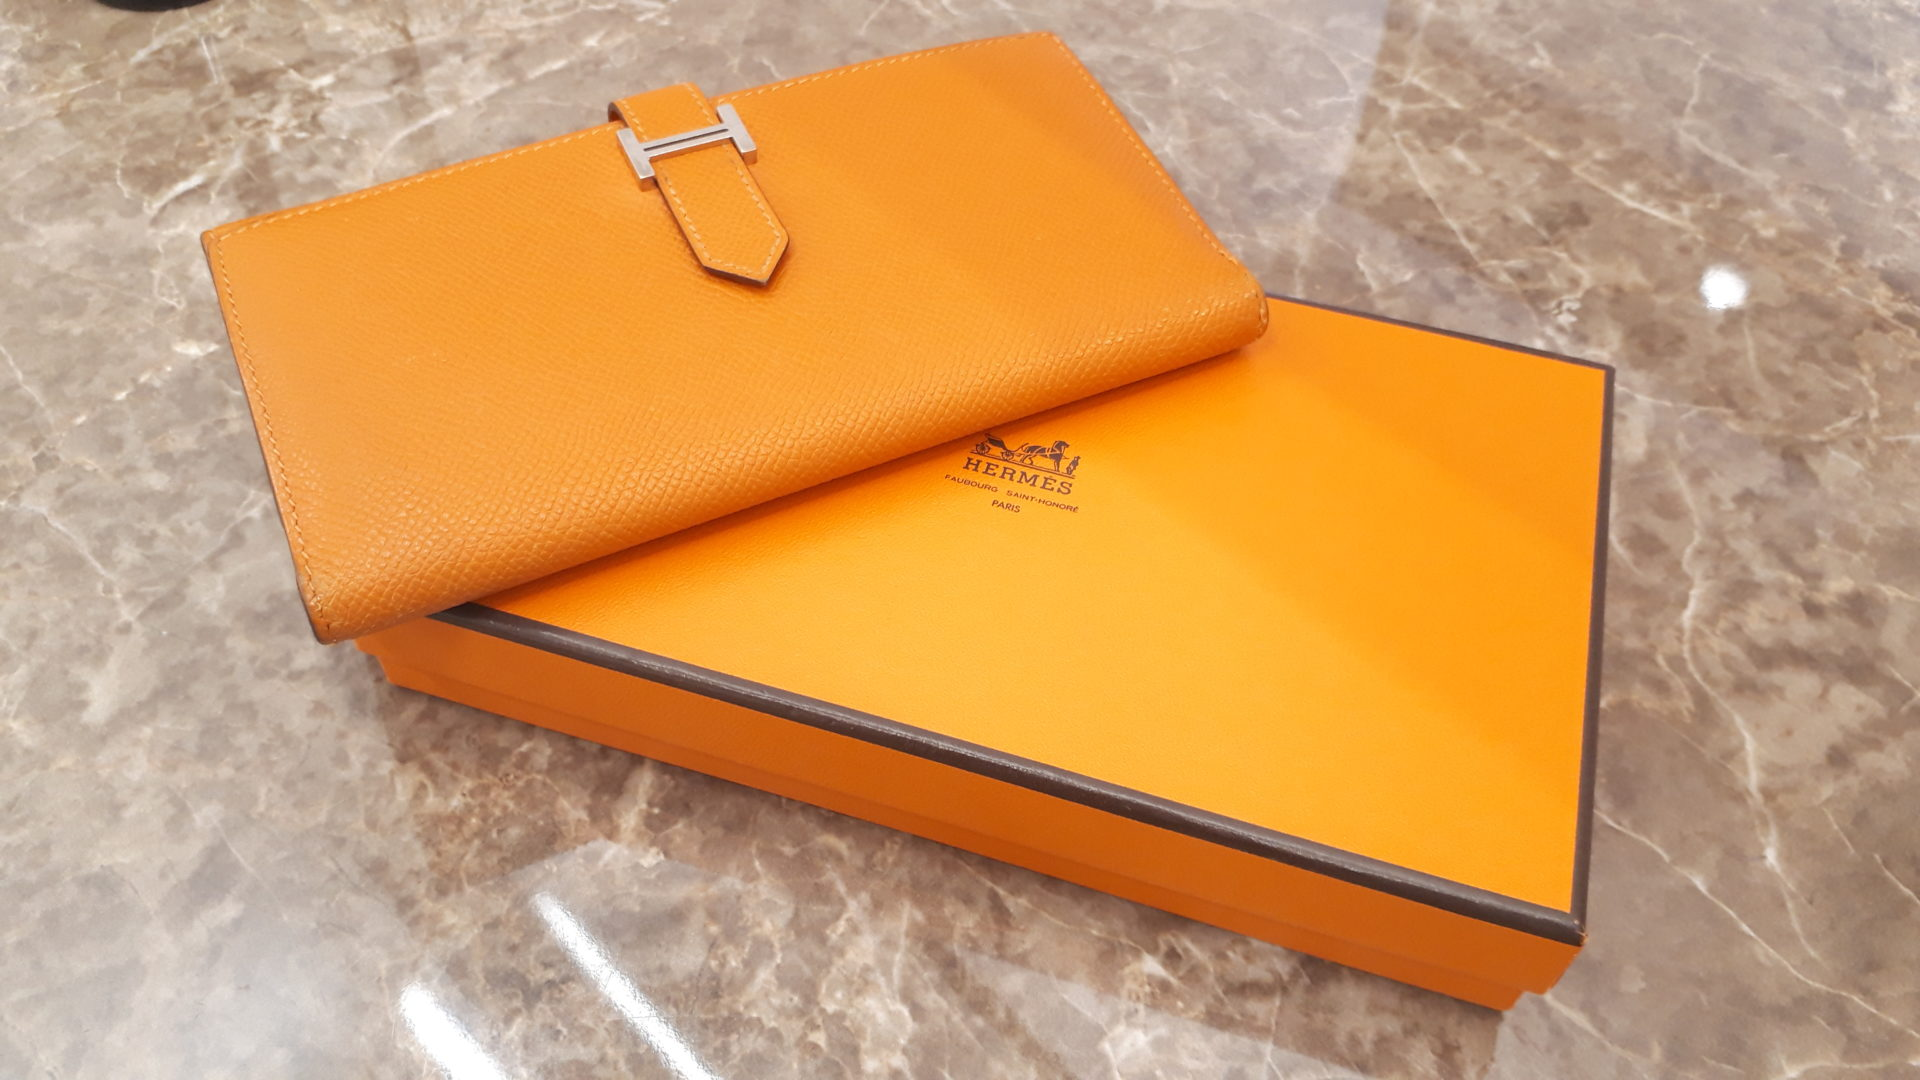 【HERMES ベアン 長財布 038673CK】を盛岡市のお客様よりお買い取りさせていただきました!